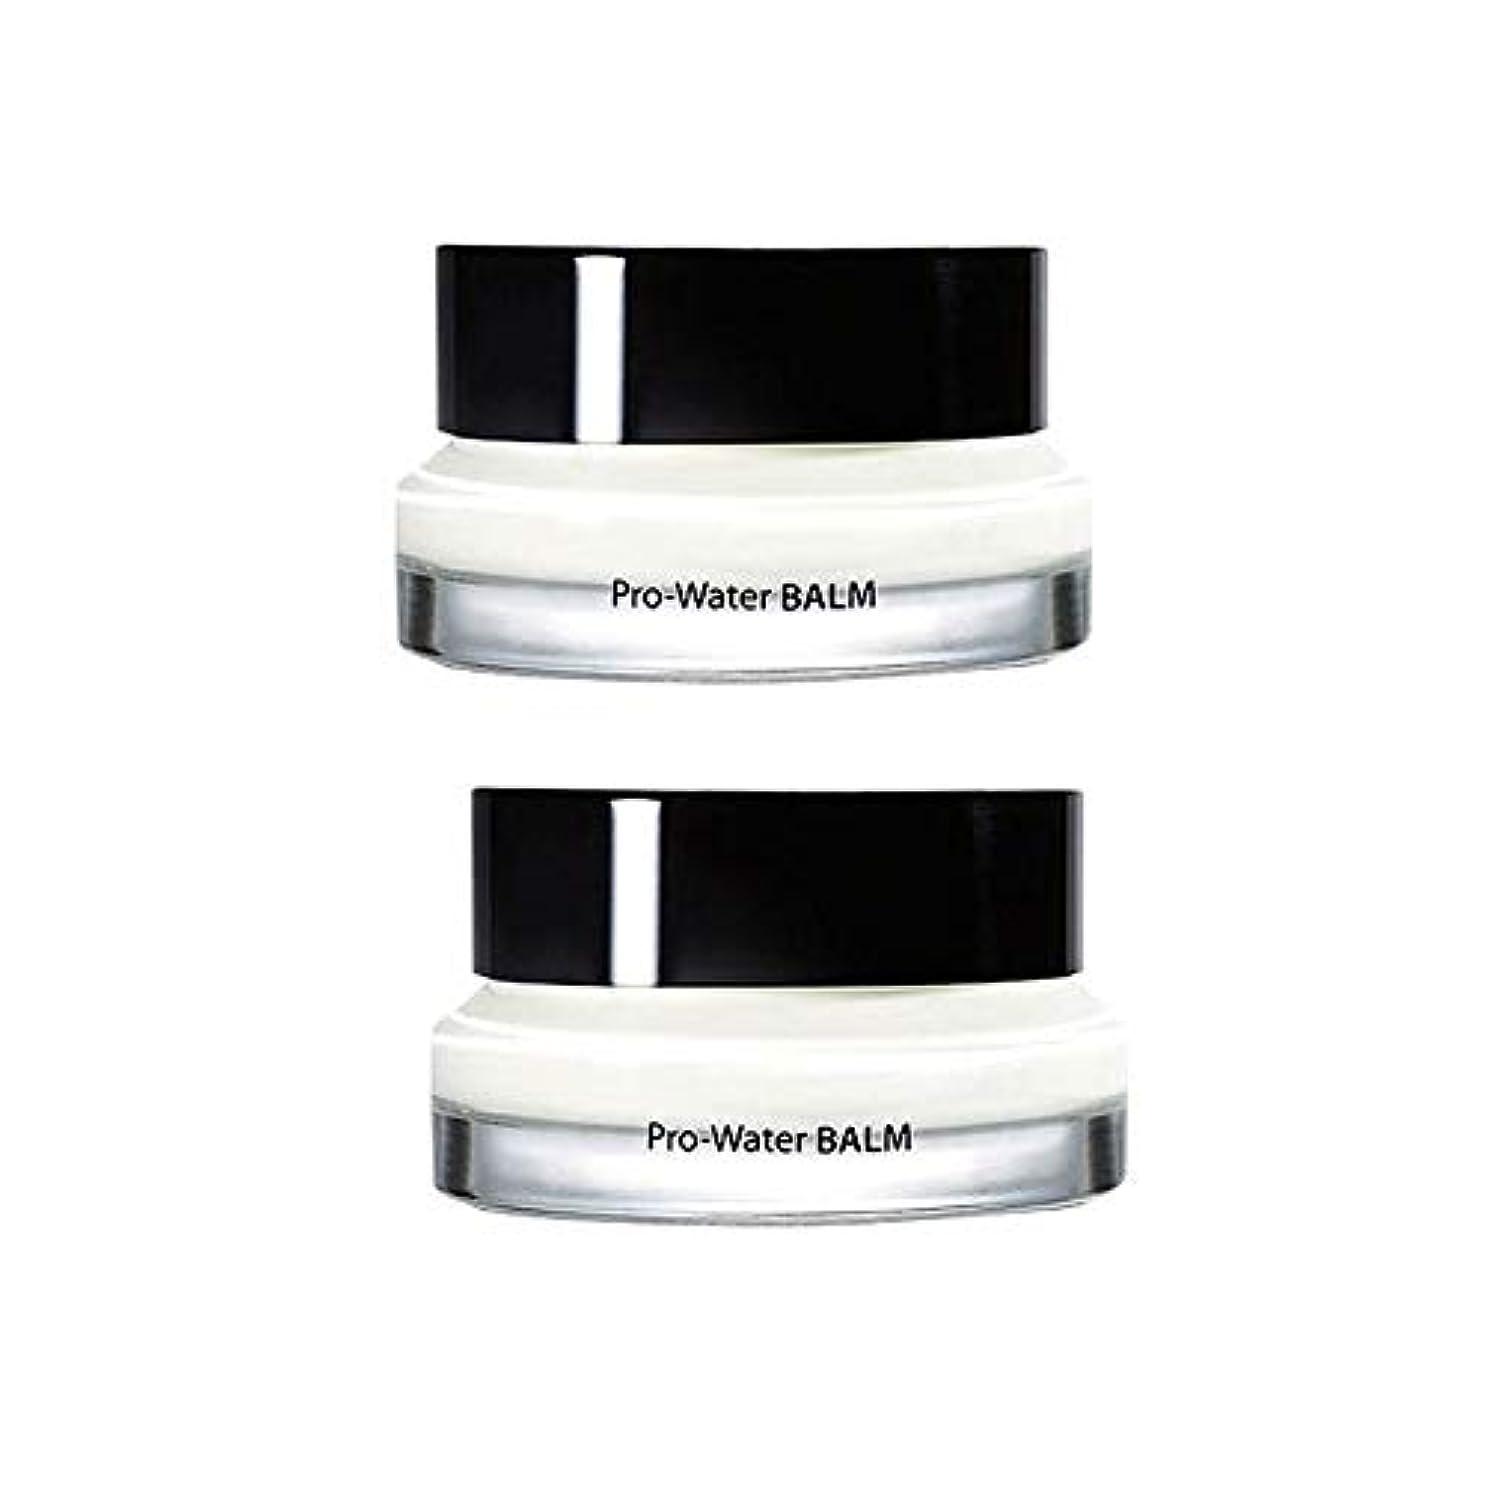 艦隊事務所なすルナプロウォーターbalm 50mlx2本セット韓国コスメ、Luna Pro-Water Balm 50ml x 2ea Set Korean Cosmetics [並行輸入品]